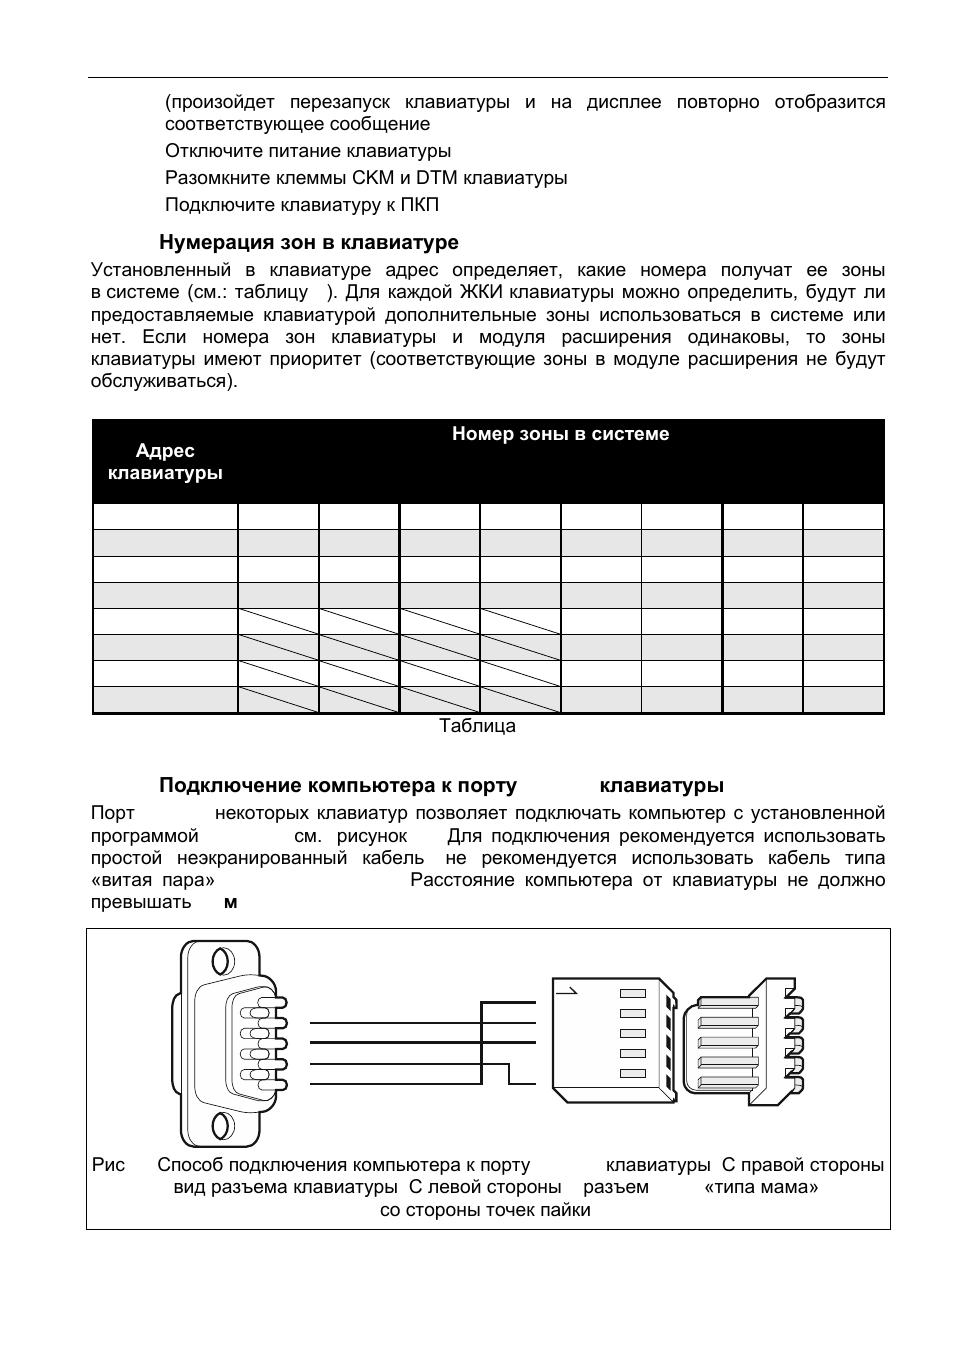 Инструкция пользования клавиатурой